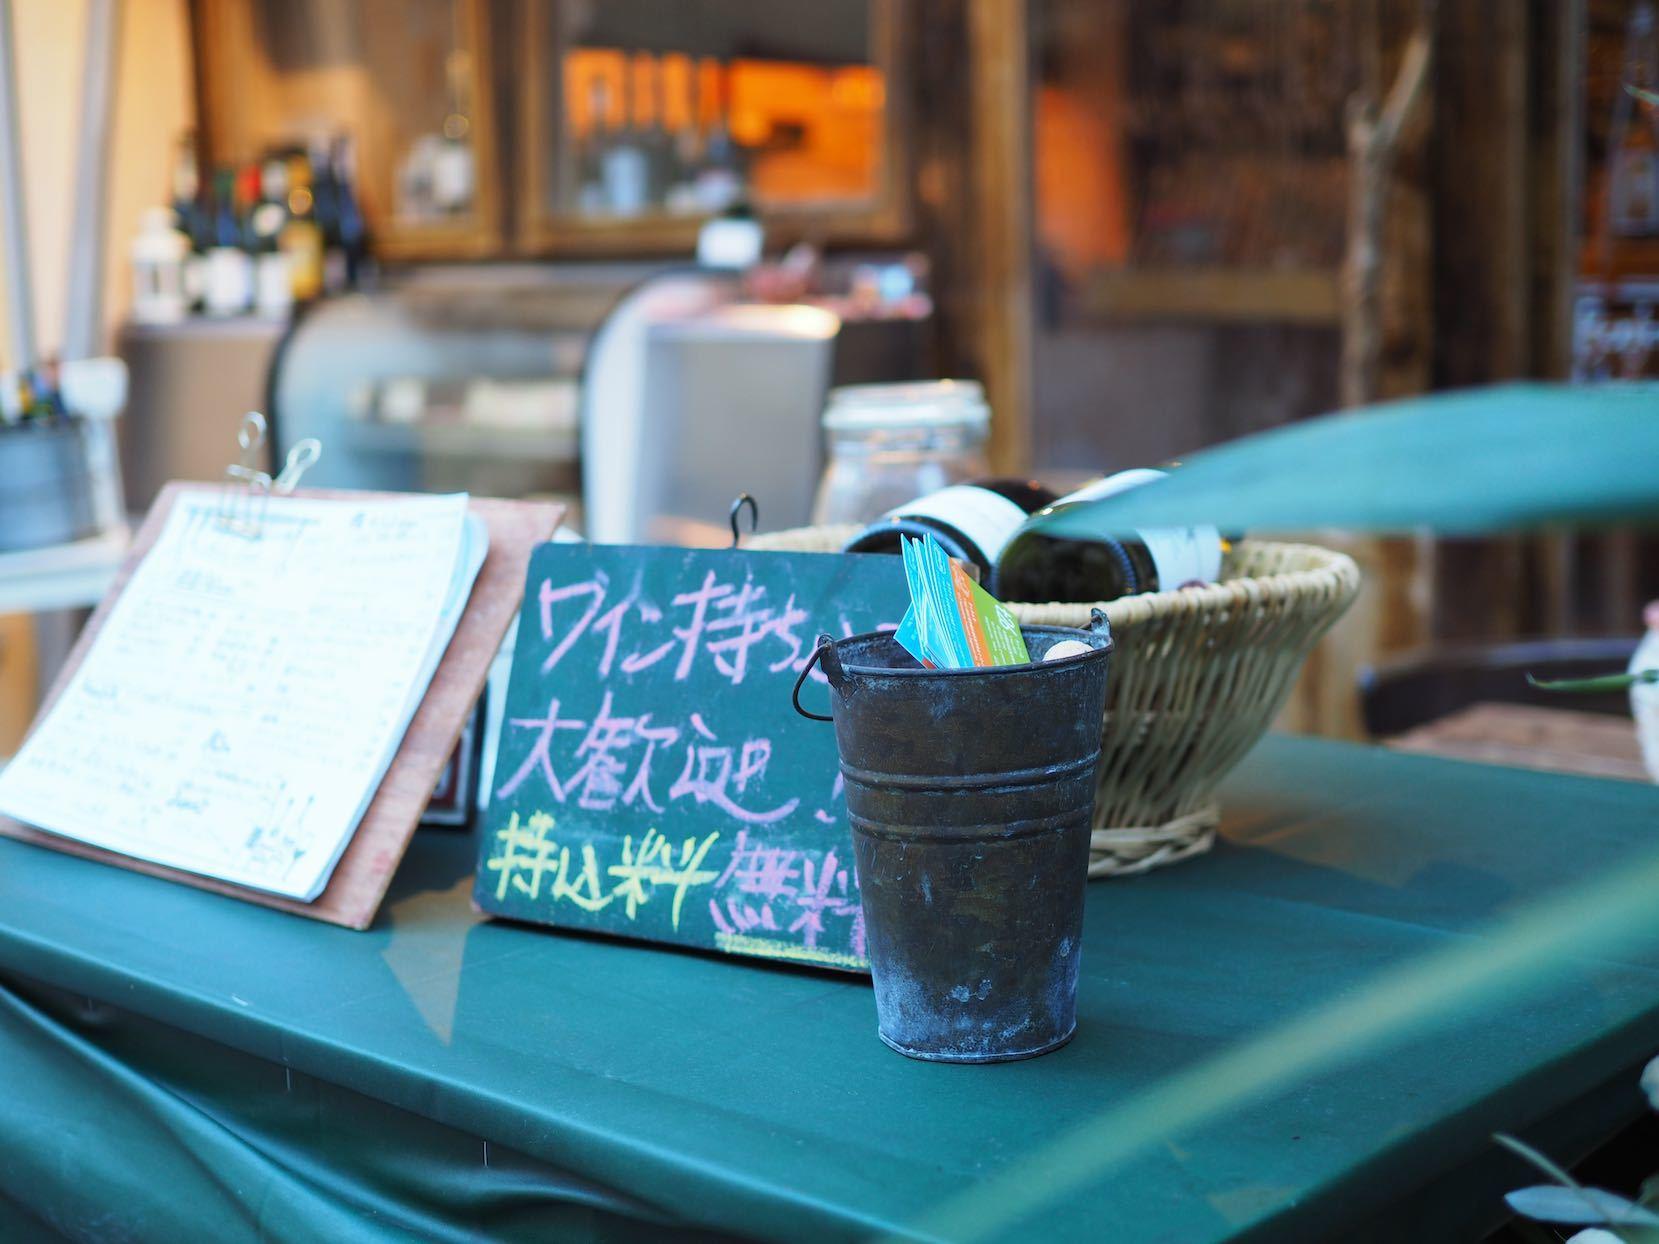 高円寺駅周辺3_b0360240_23432543.jpg